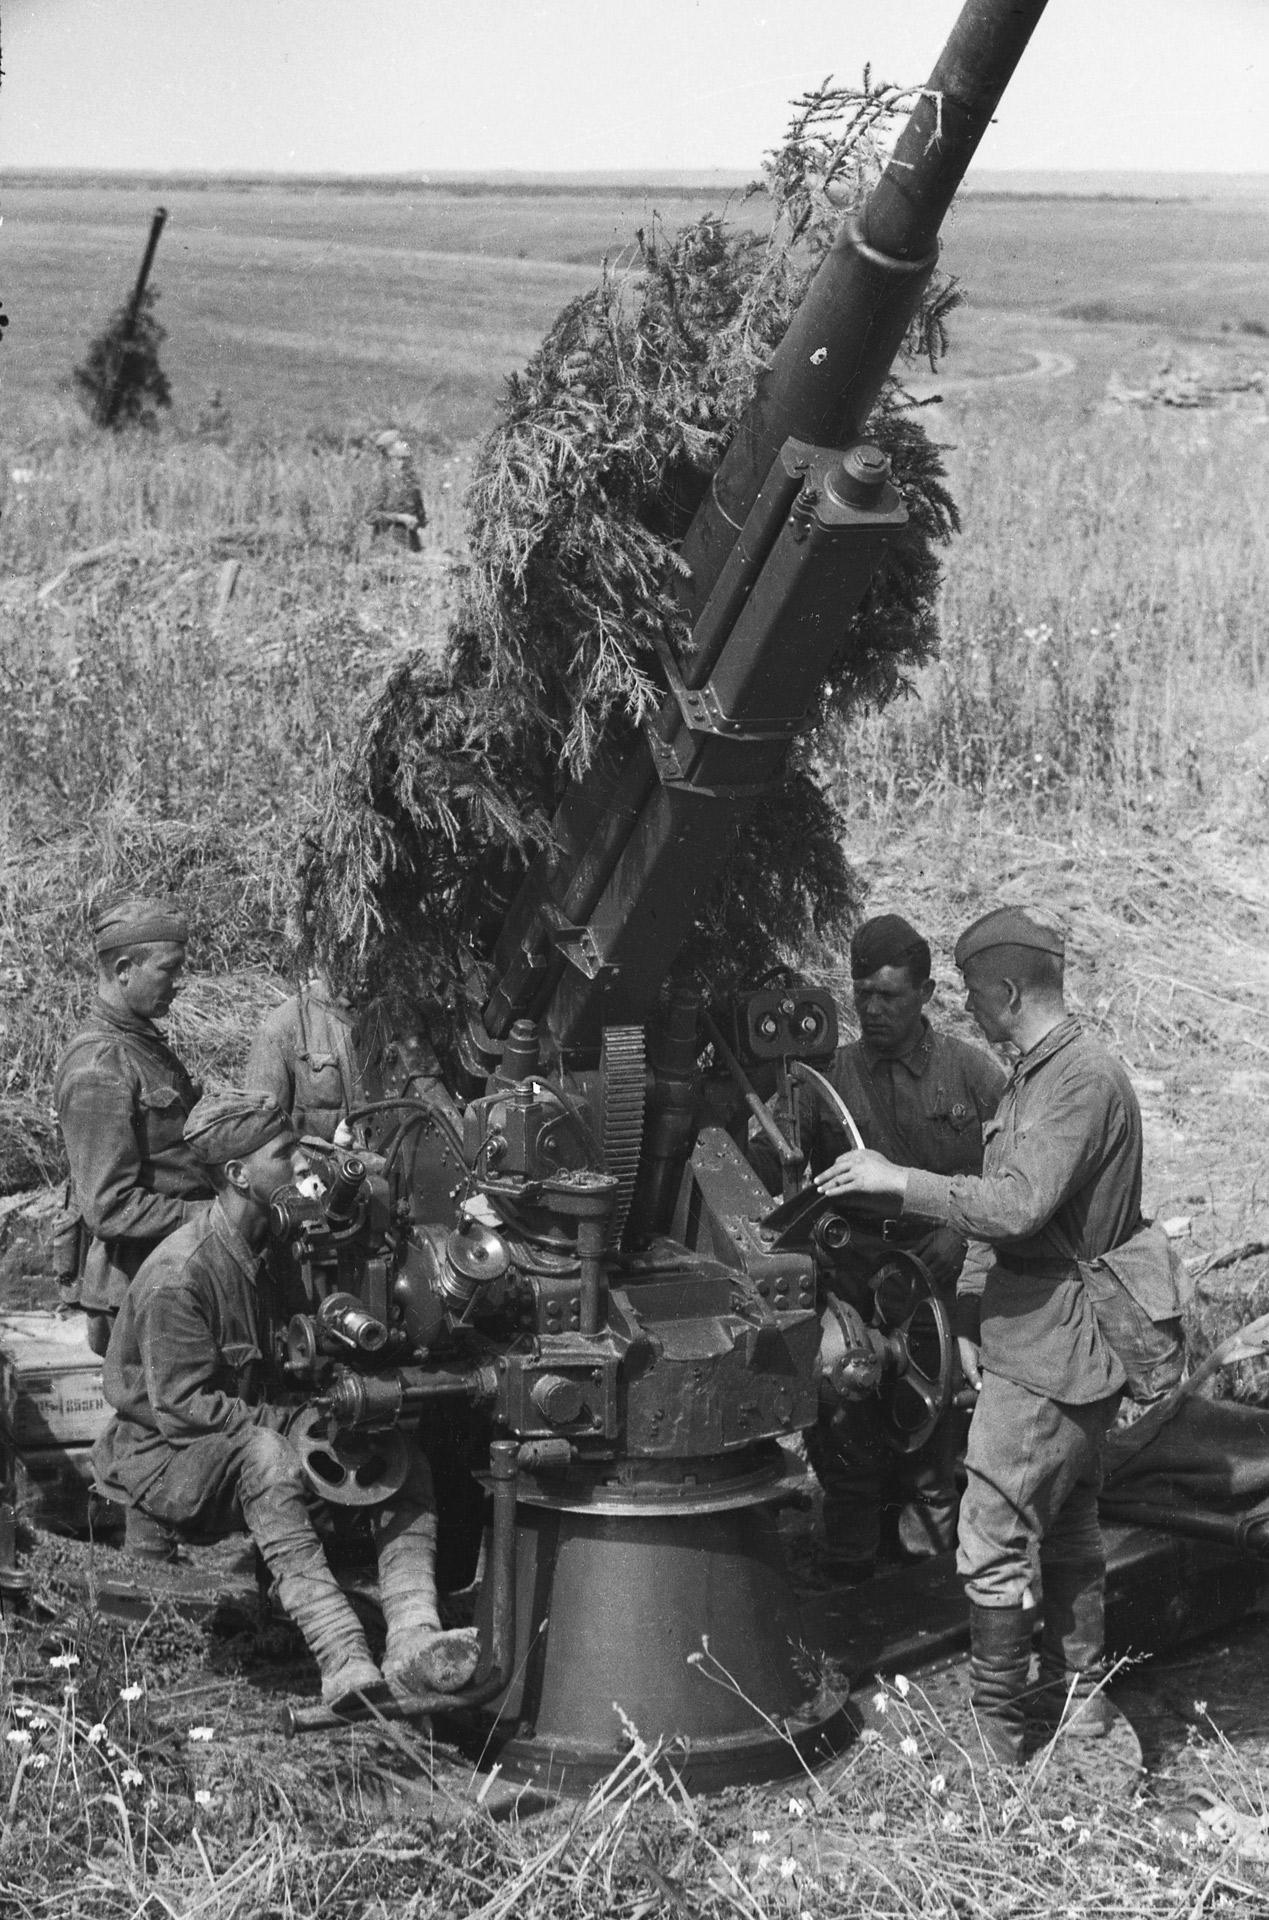 Калининский фронт. Артиллерийский расчет у 76-мм зенитной пушки образца 1938 года